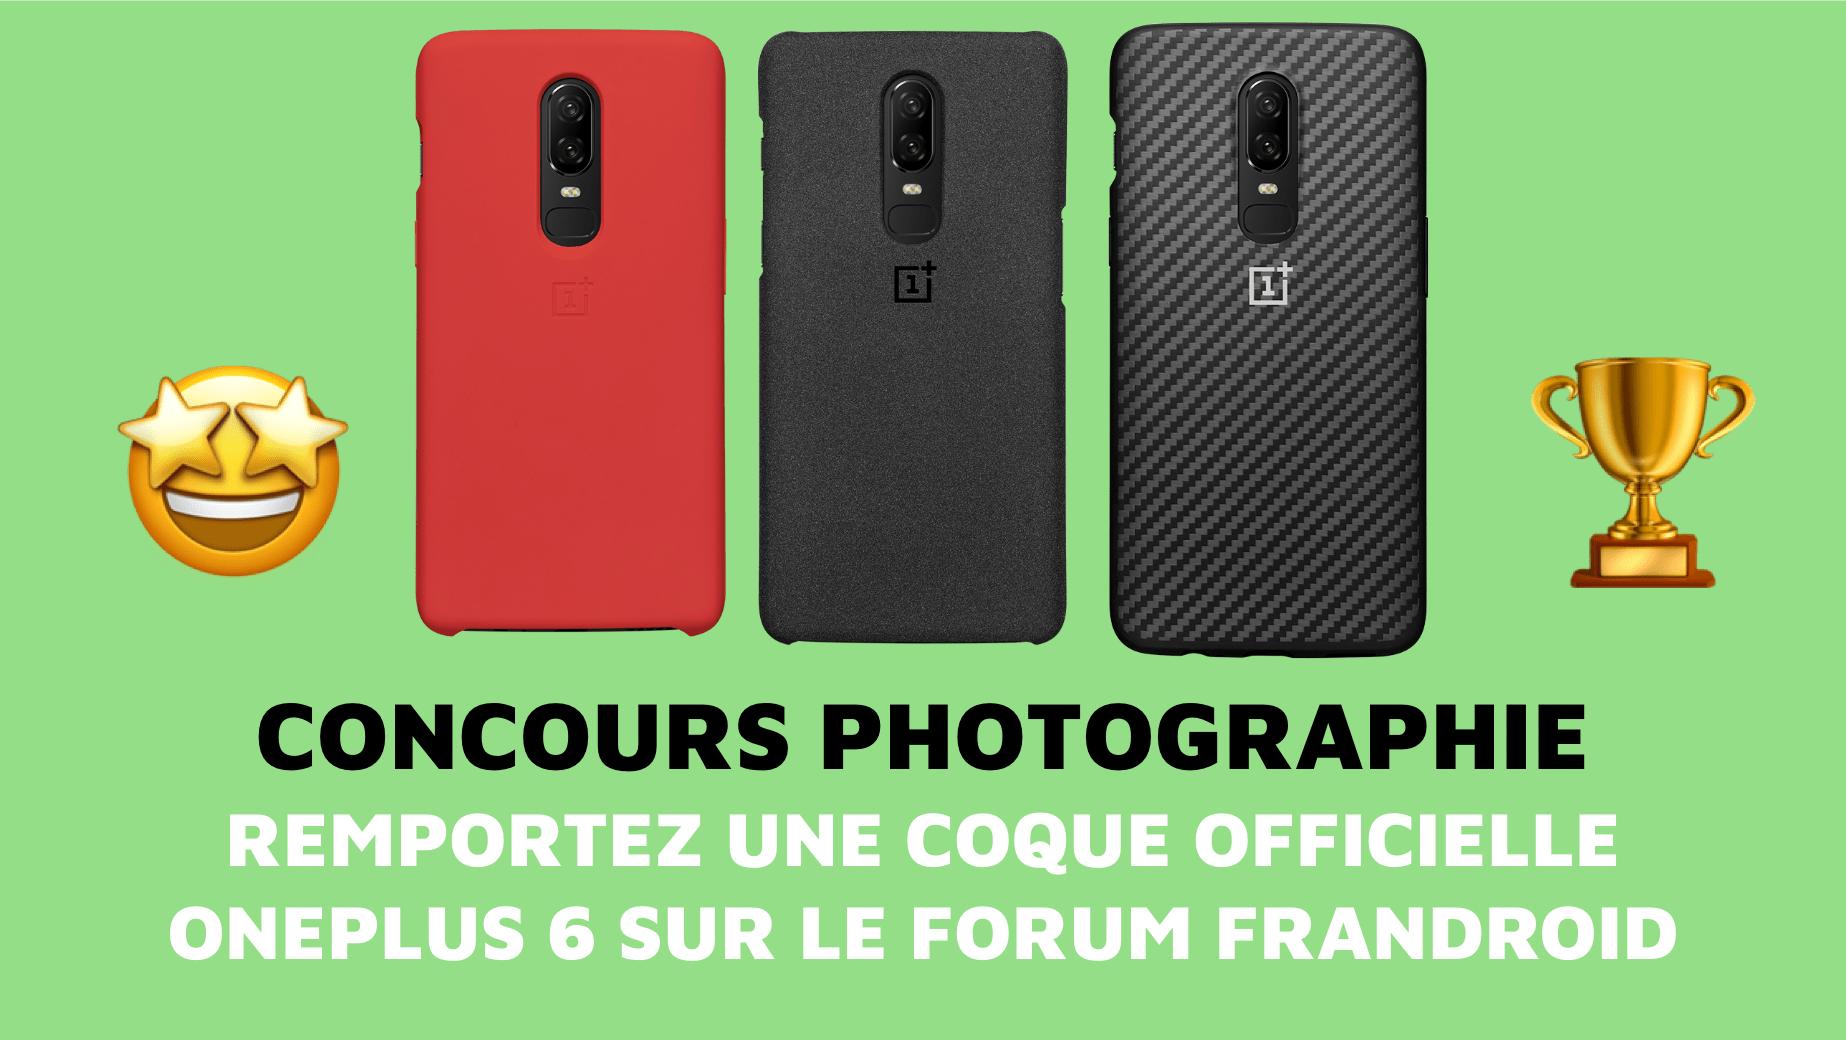 Découvrez les photos prises par les gagnants du concours OnePlus 6 sur notre forum !